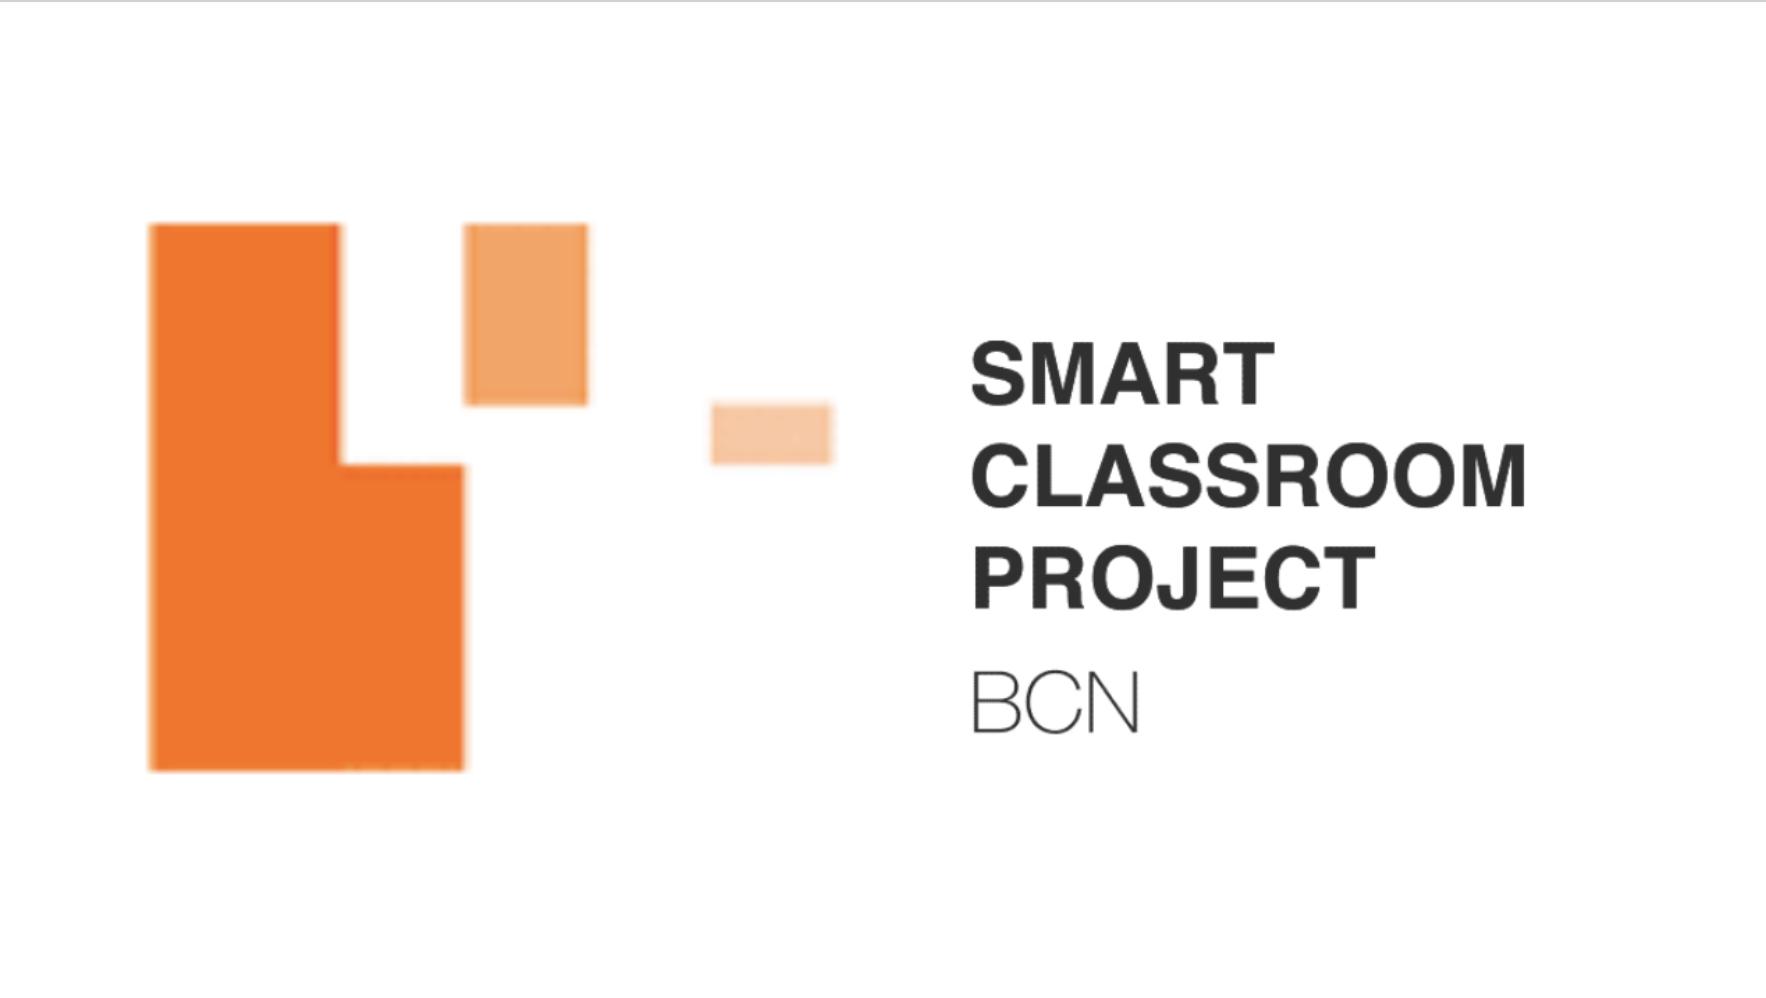 Smartclassroom